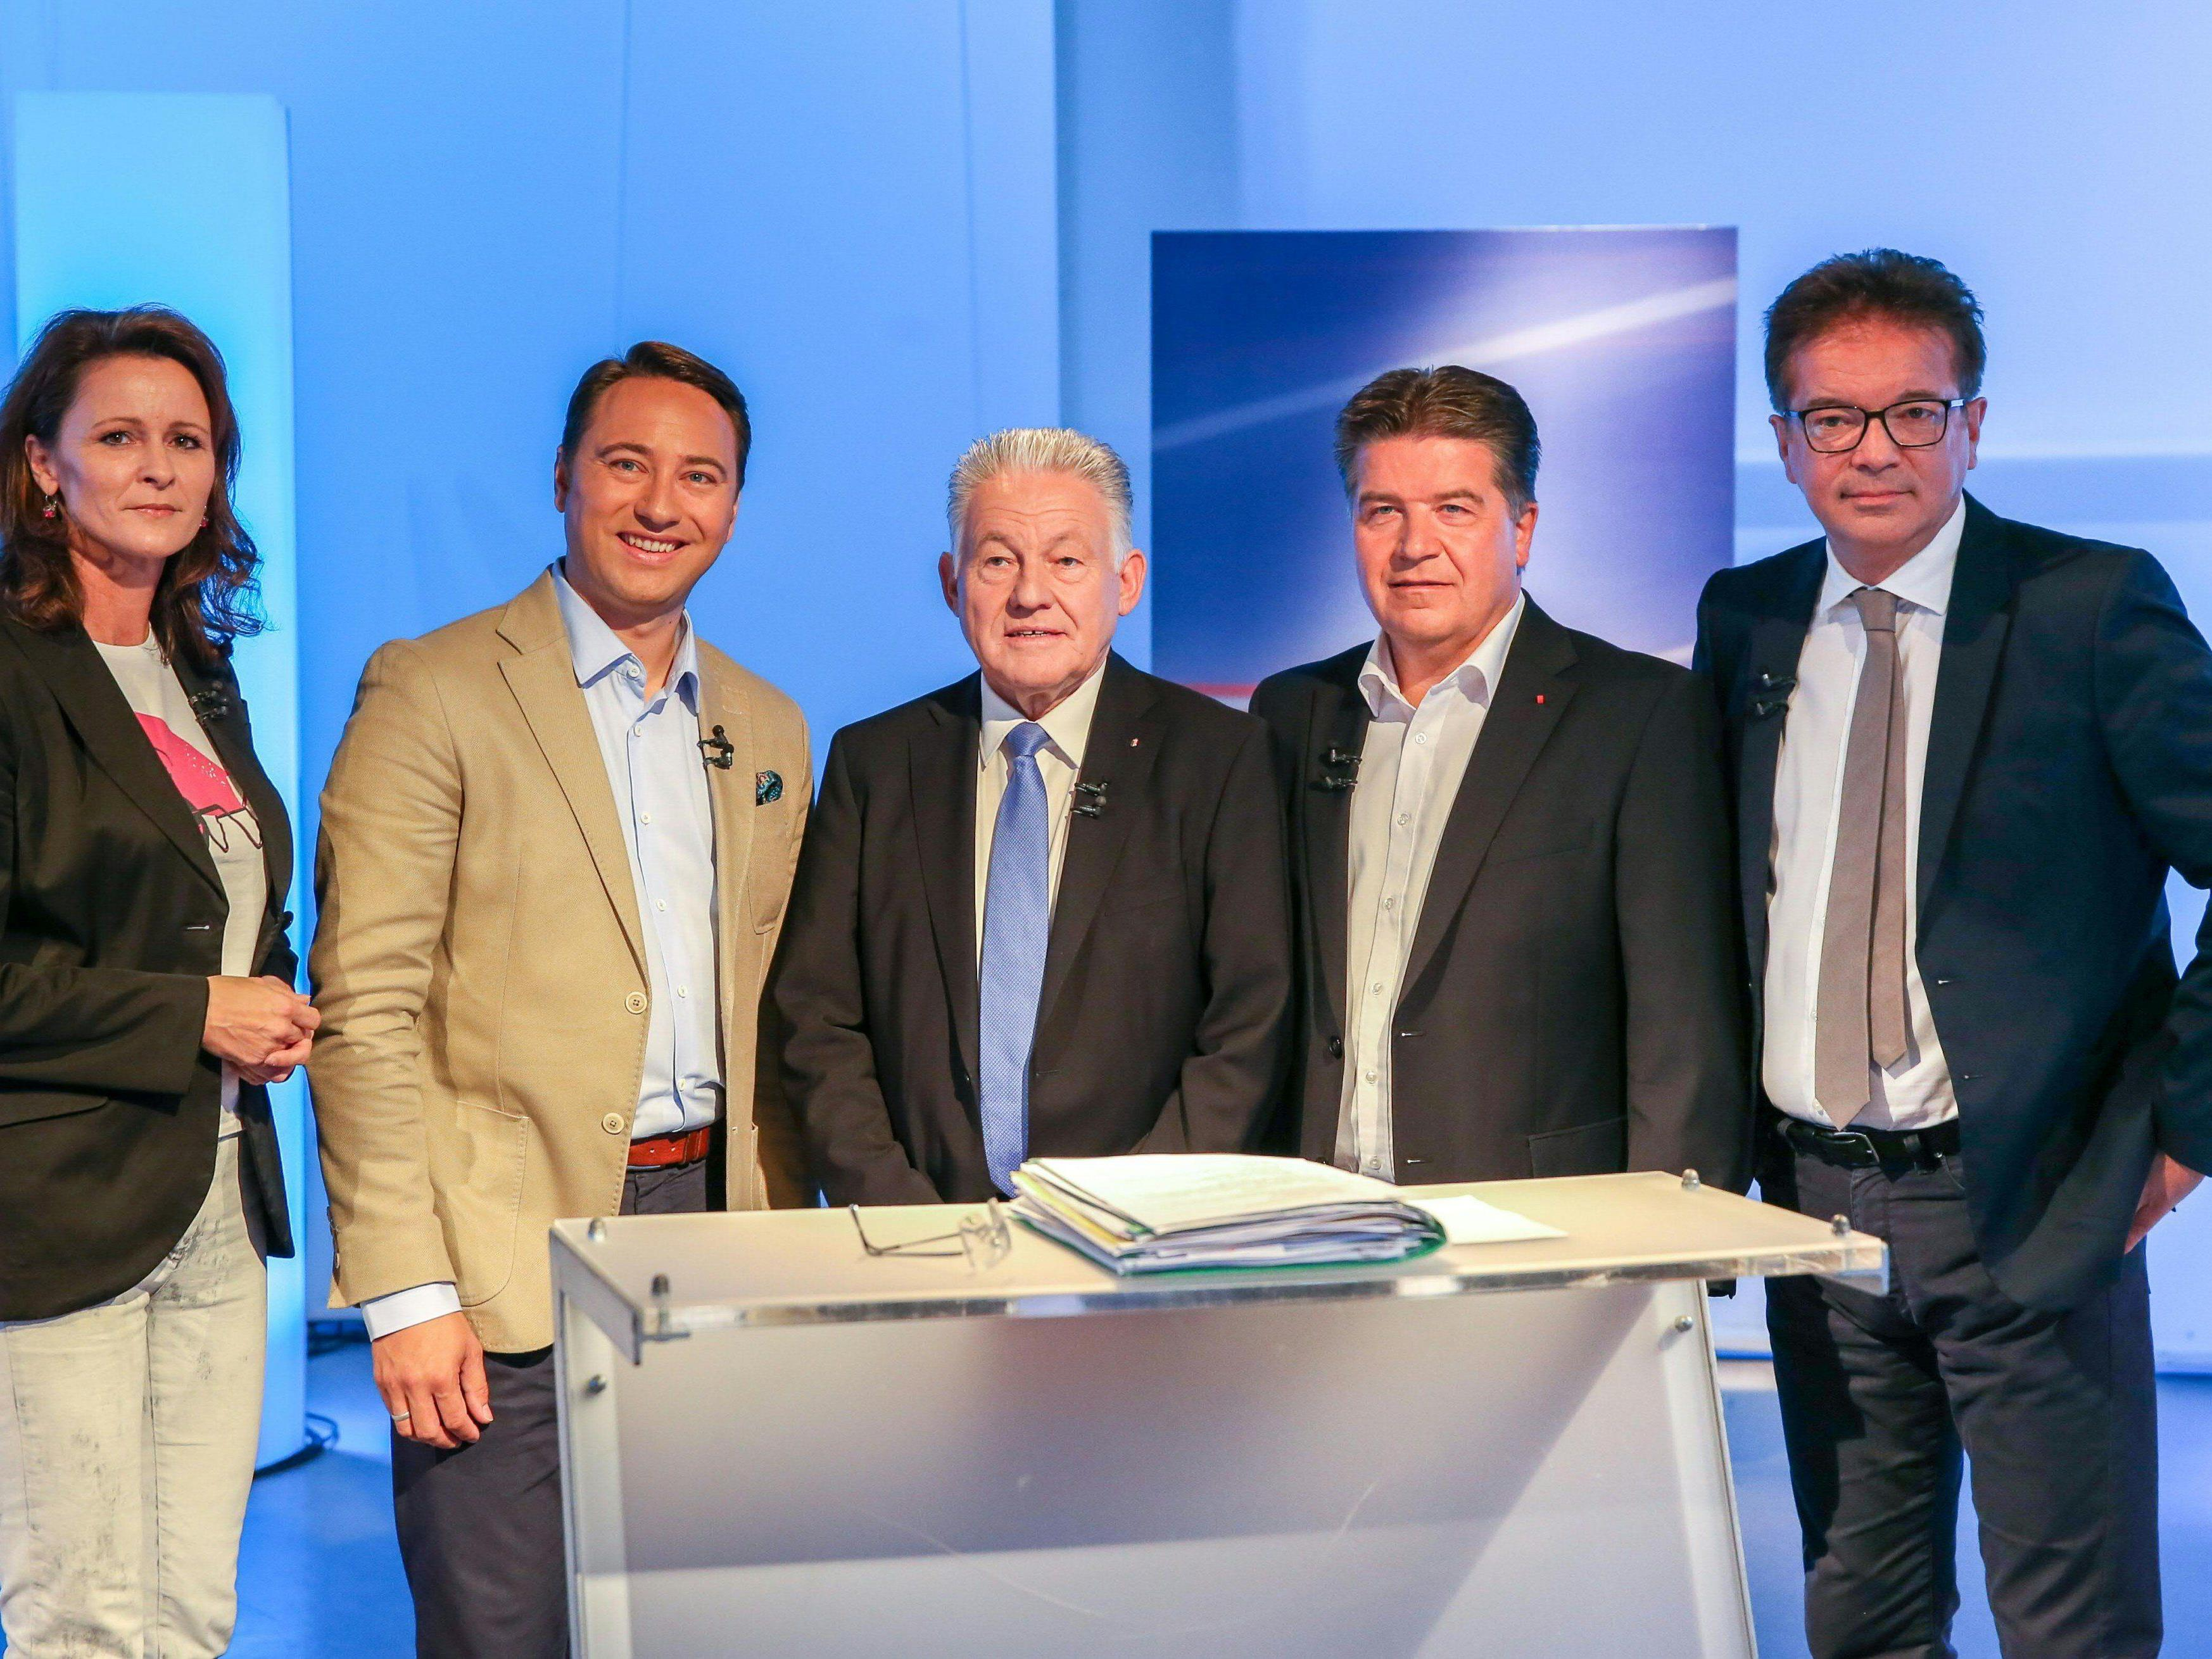 Landtag, 442 Gemeinderäte und Bürgermeister stehen in Oberösterreich zur Wahl.